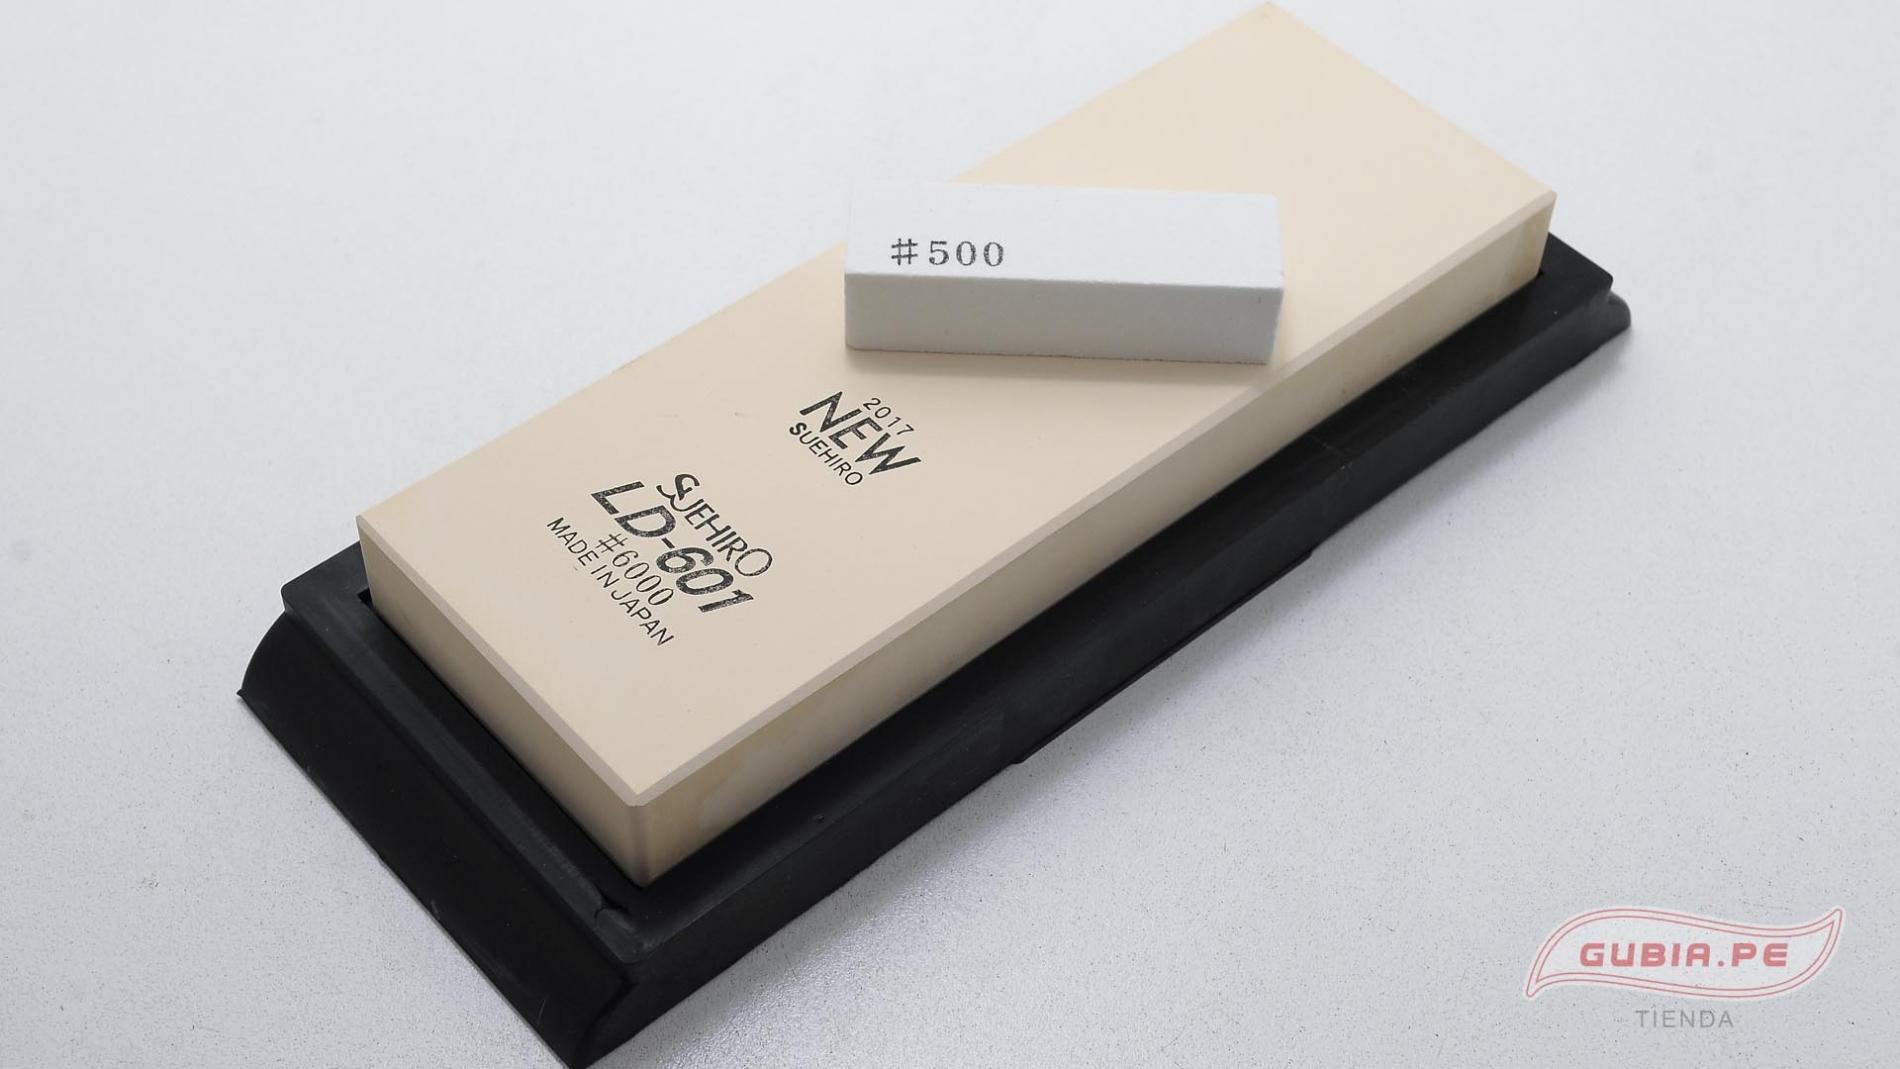 LD-601-Piedra de asentar 6000 pulir filo de cuchillos SUEHIRO Debado LD-601-max-2.